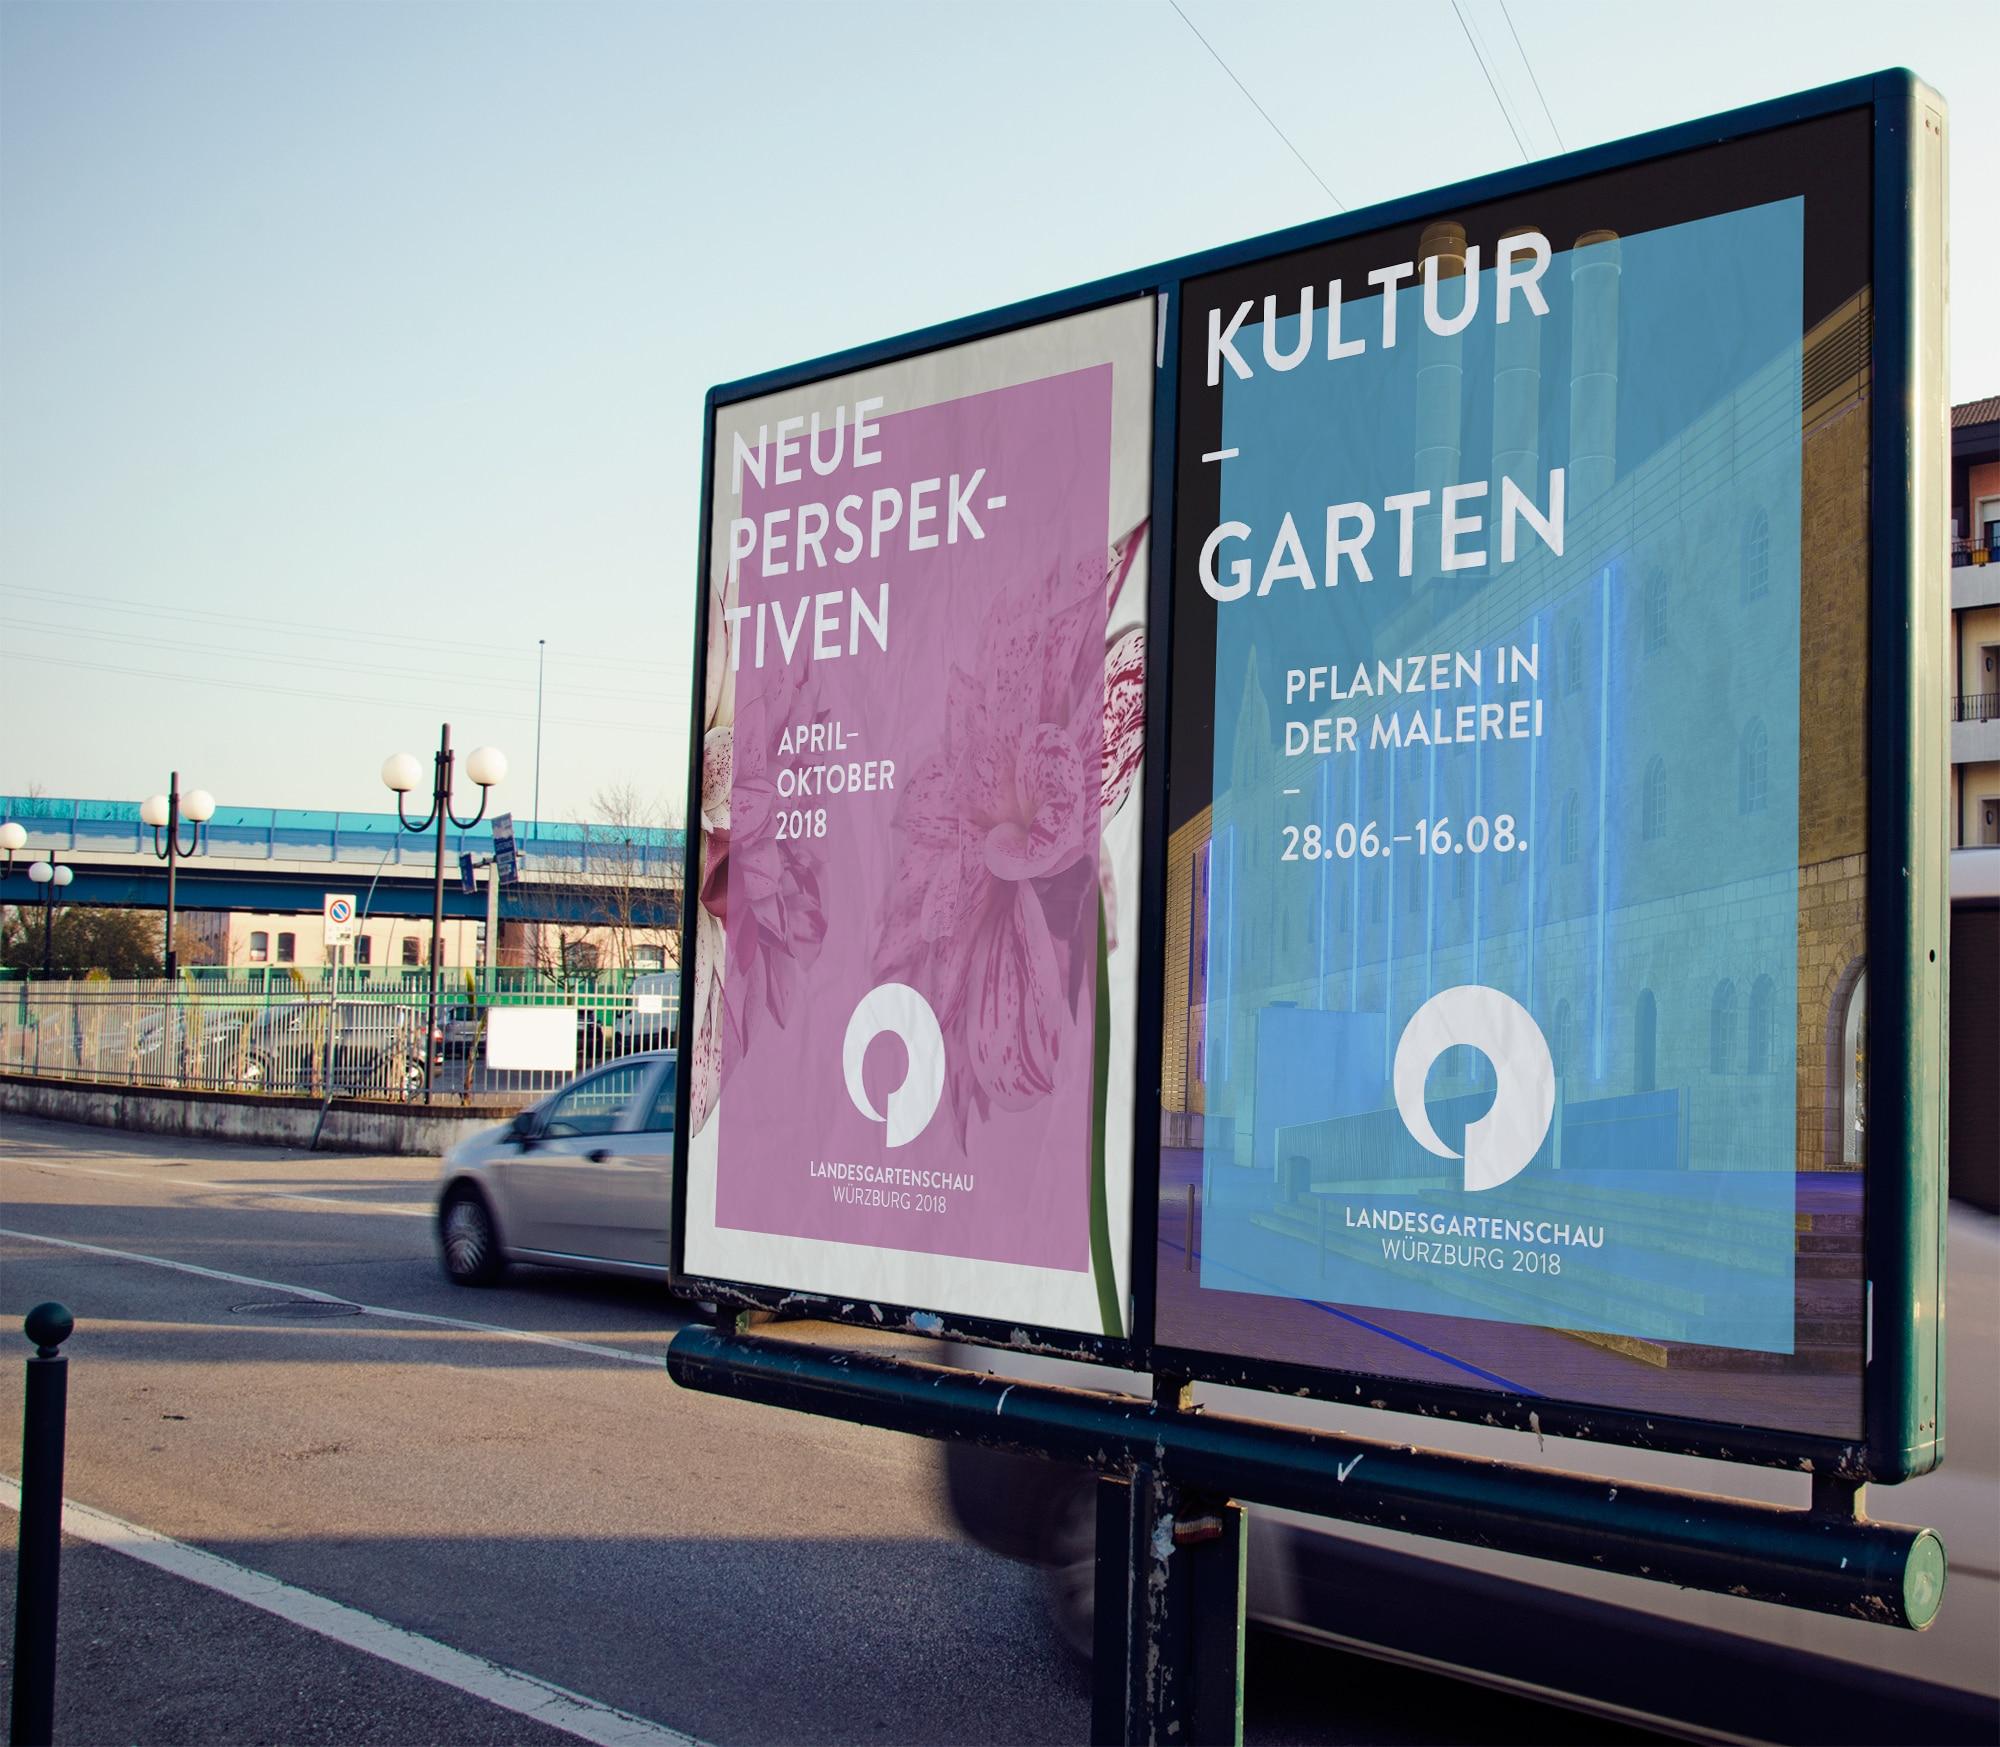 Plakatierung Landesgartenschau Würzburg